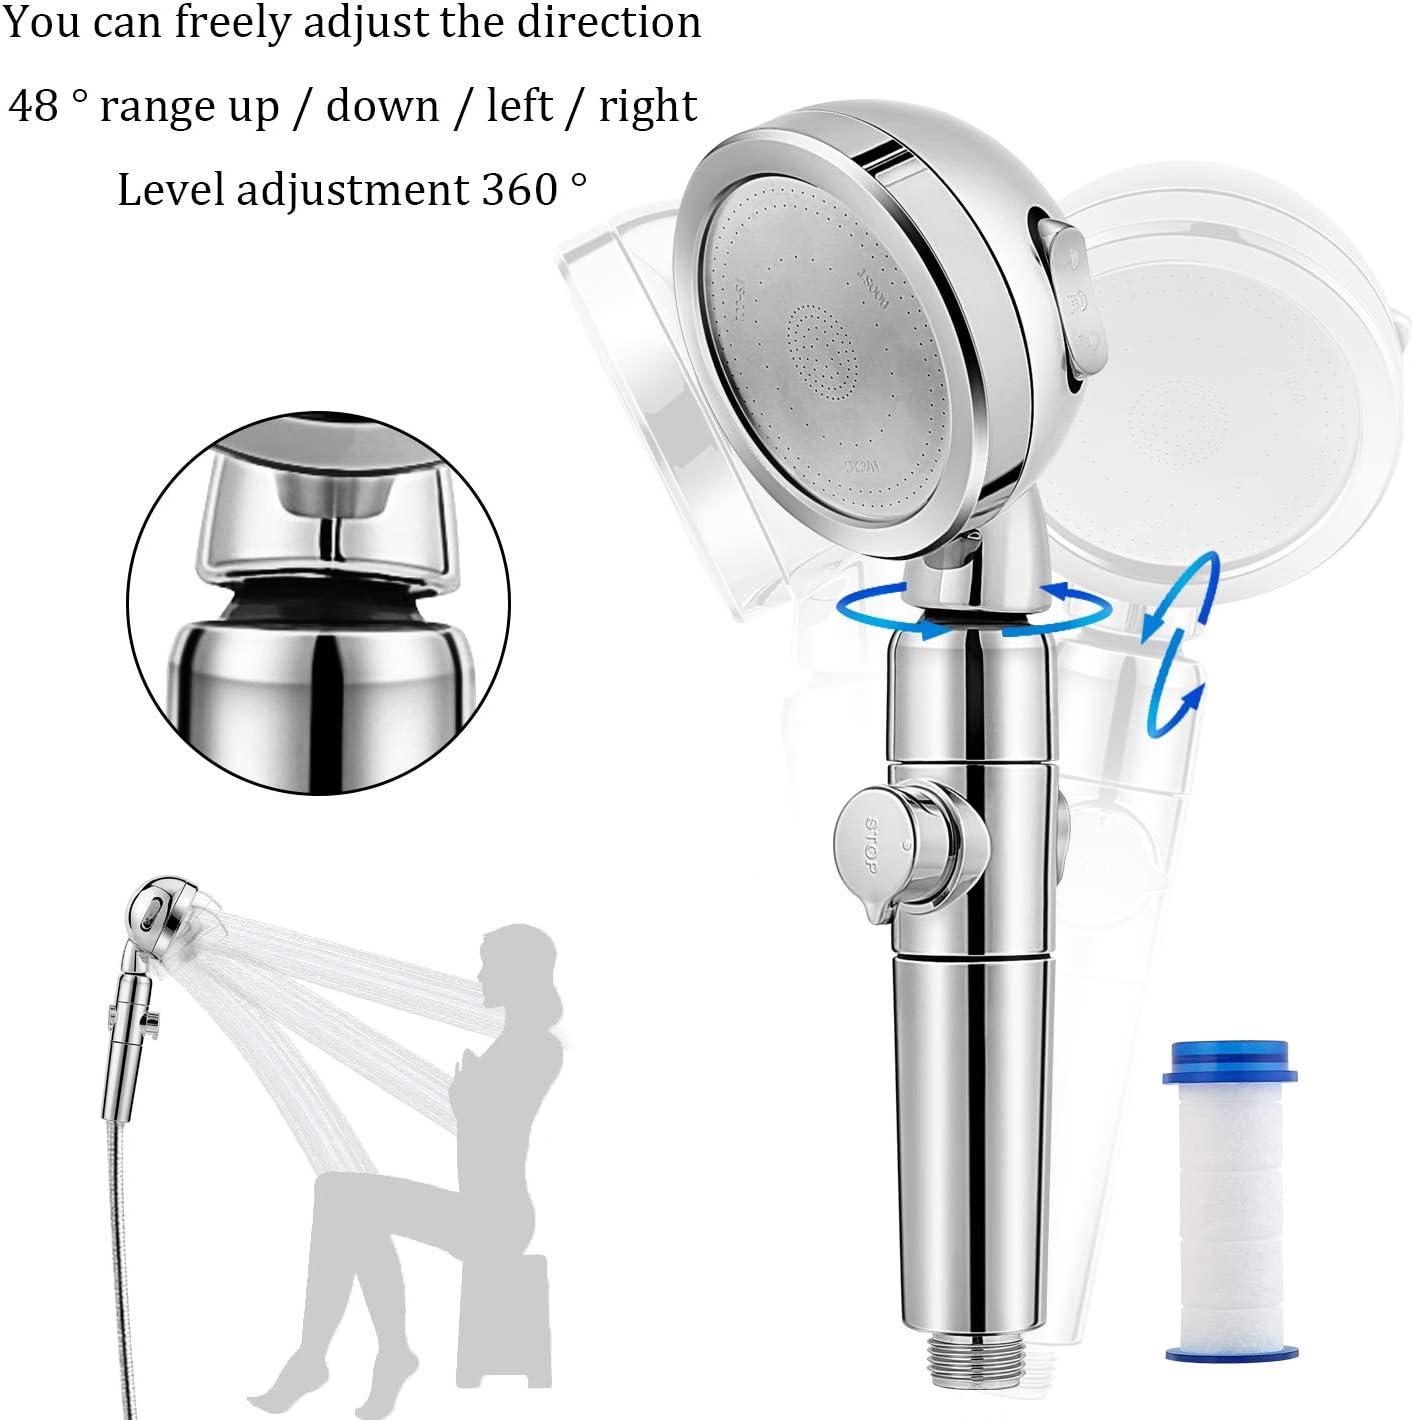 Handbrause Druckerh/öhung Universal mit Stop Taste Wassersparend 3 Strahlarten chrom Zorara Duschkopf mit Handbrause Halterung Duschkopfhalterung und 1.5m Edelstahl Schlauch 3-Lagen-Filtration